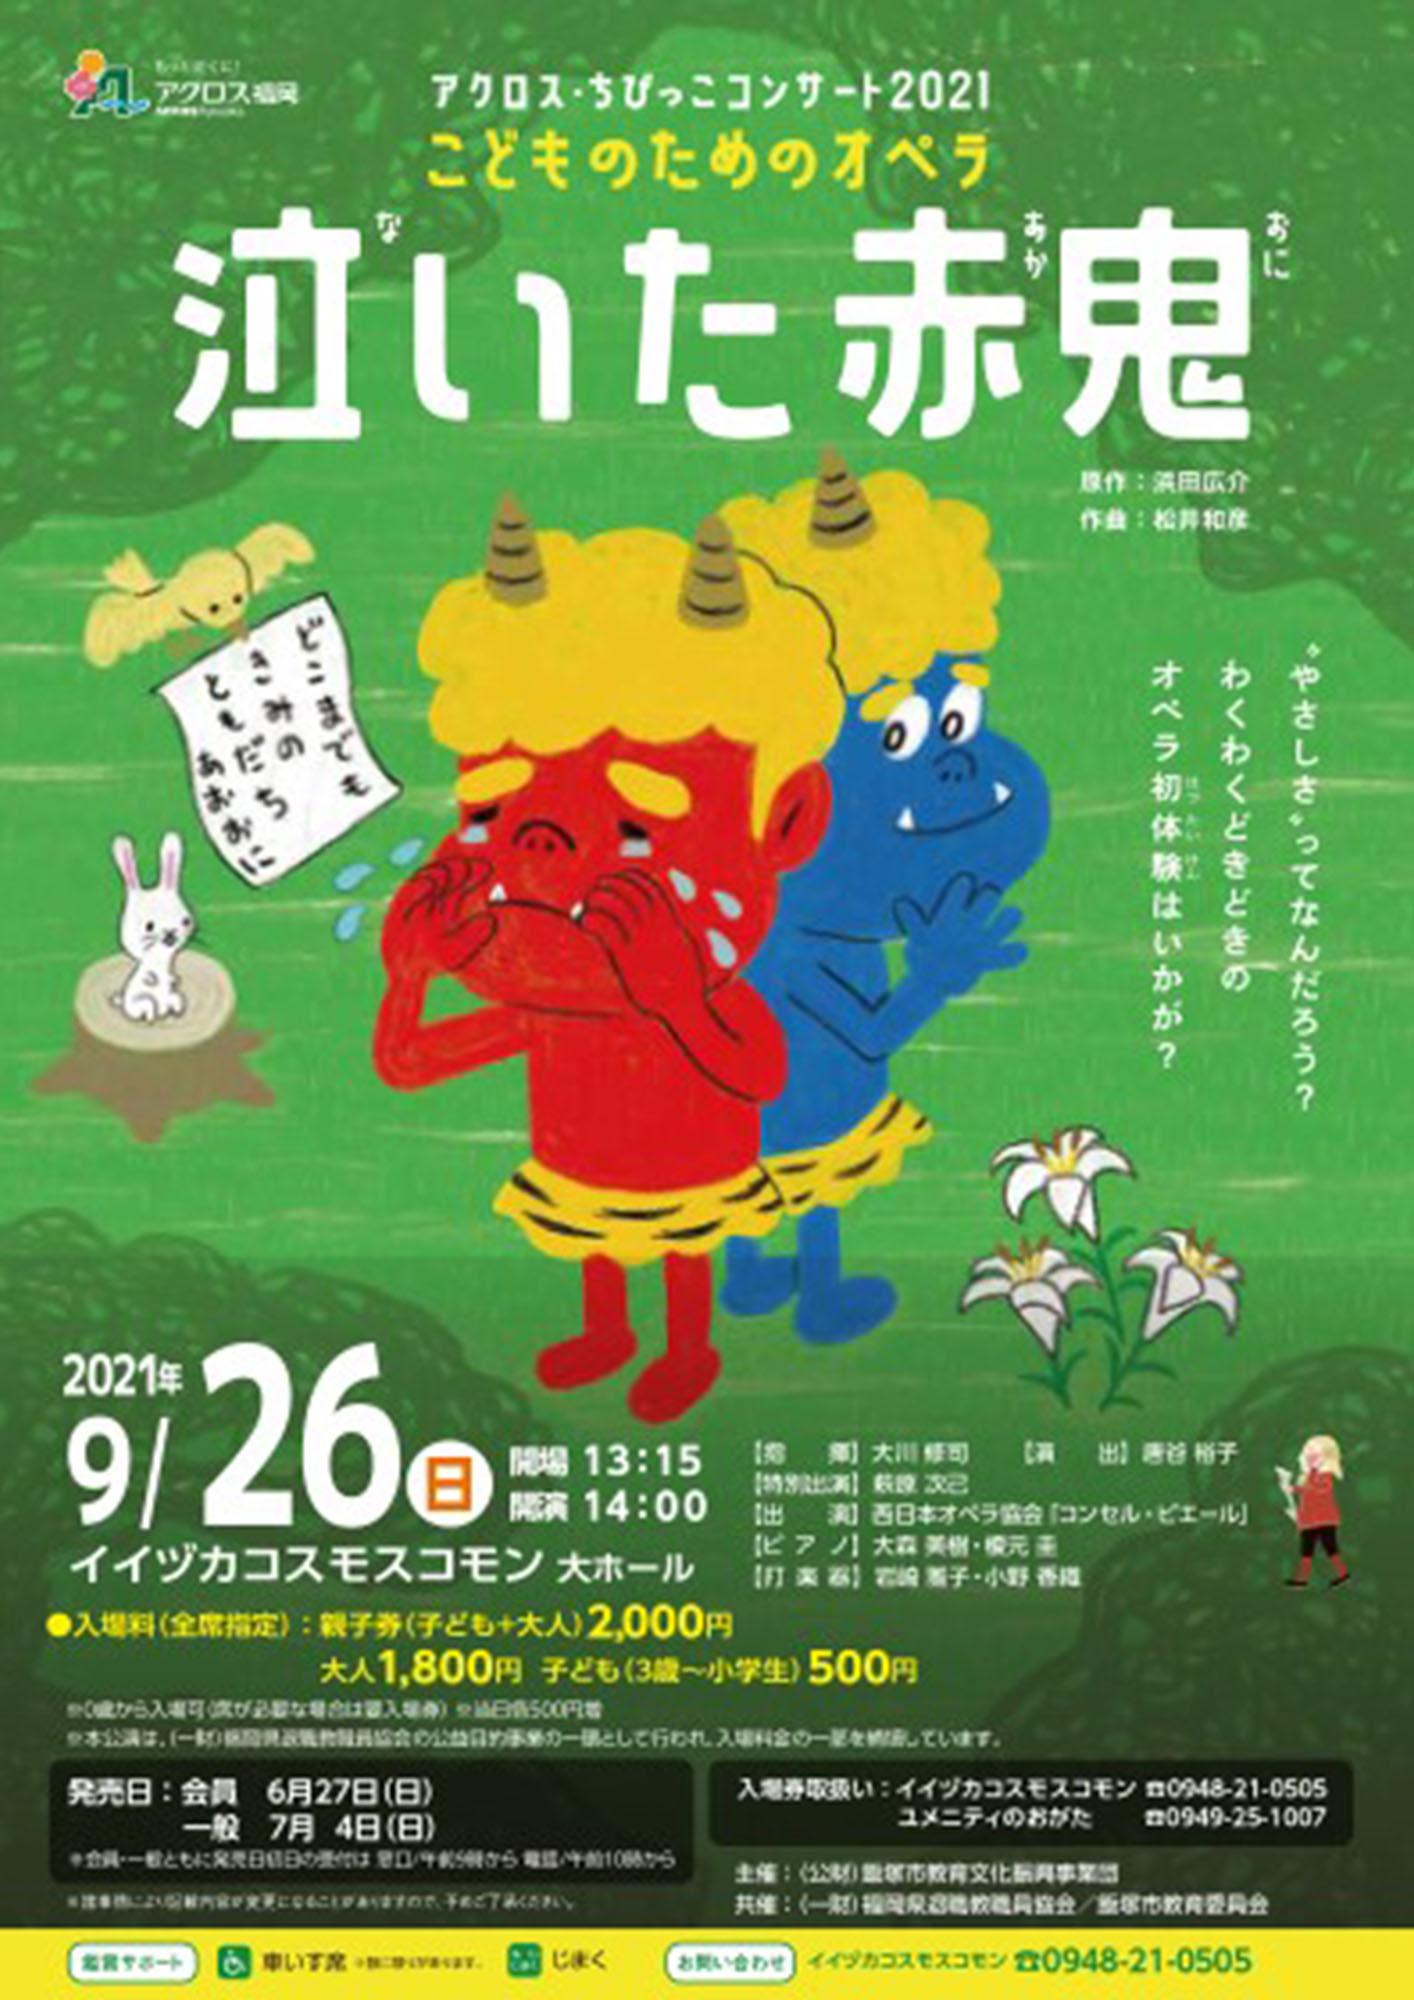 アクロスちびっこコンサート2021 泣いた赤鬼